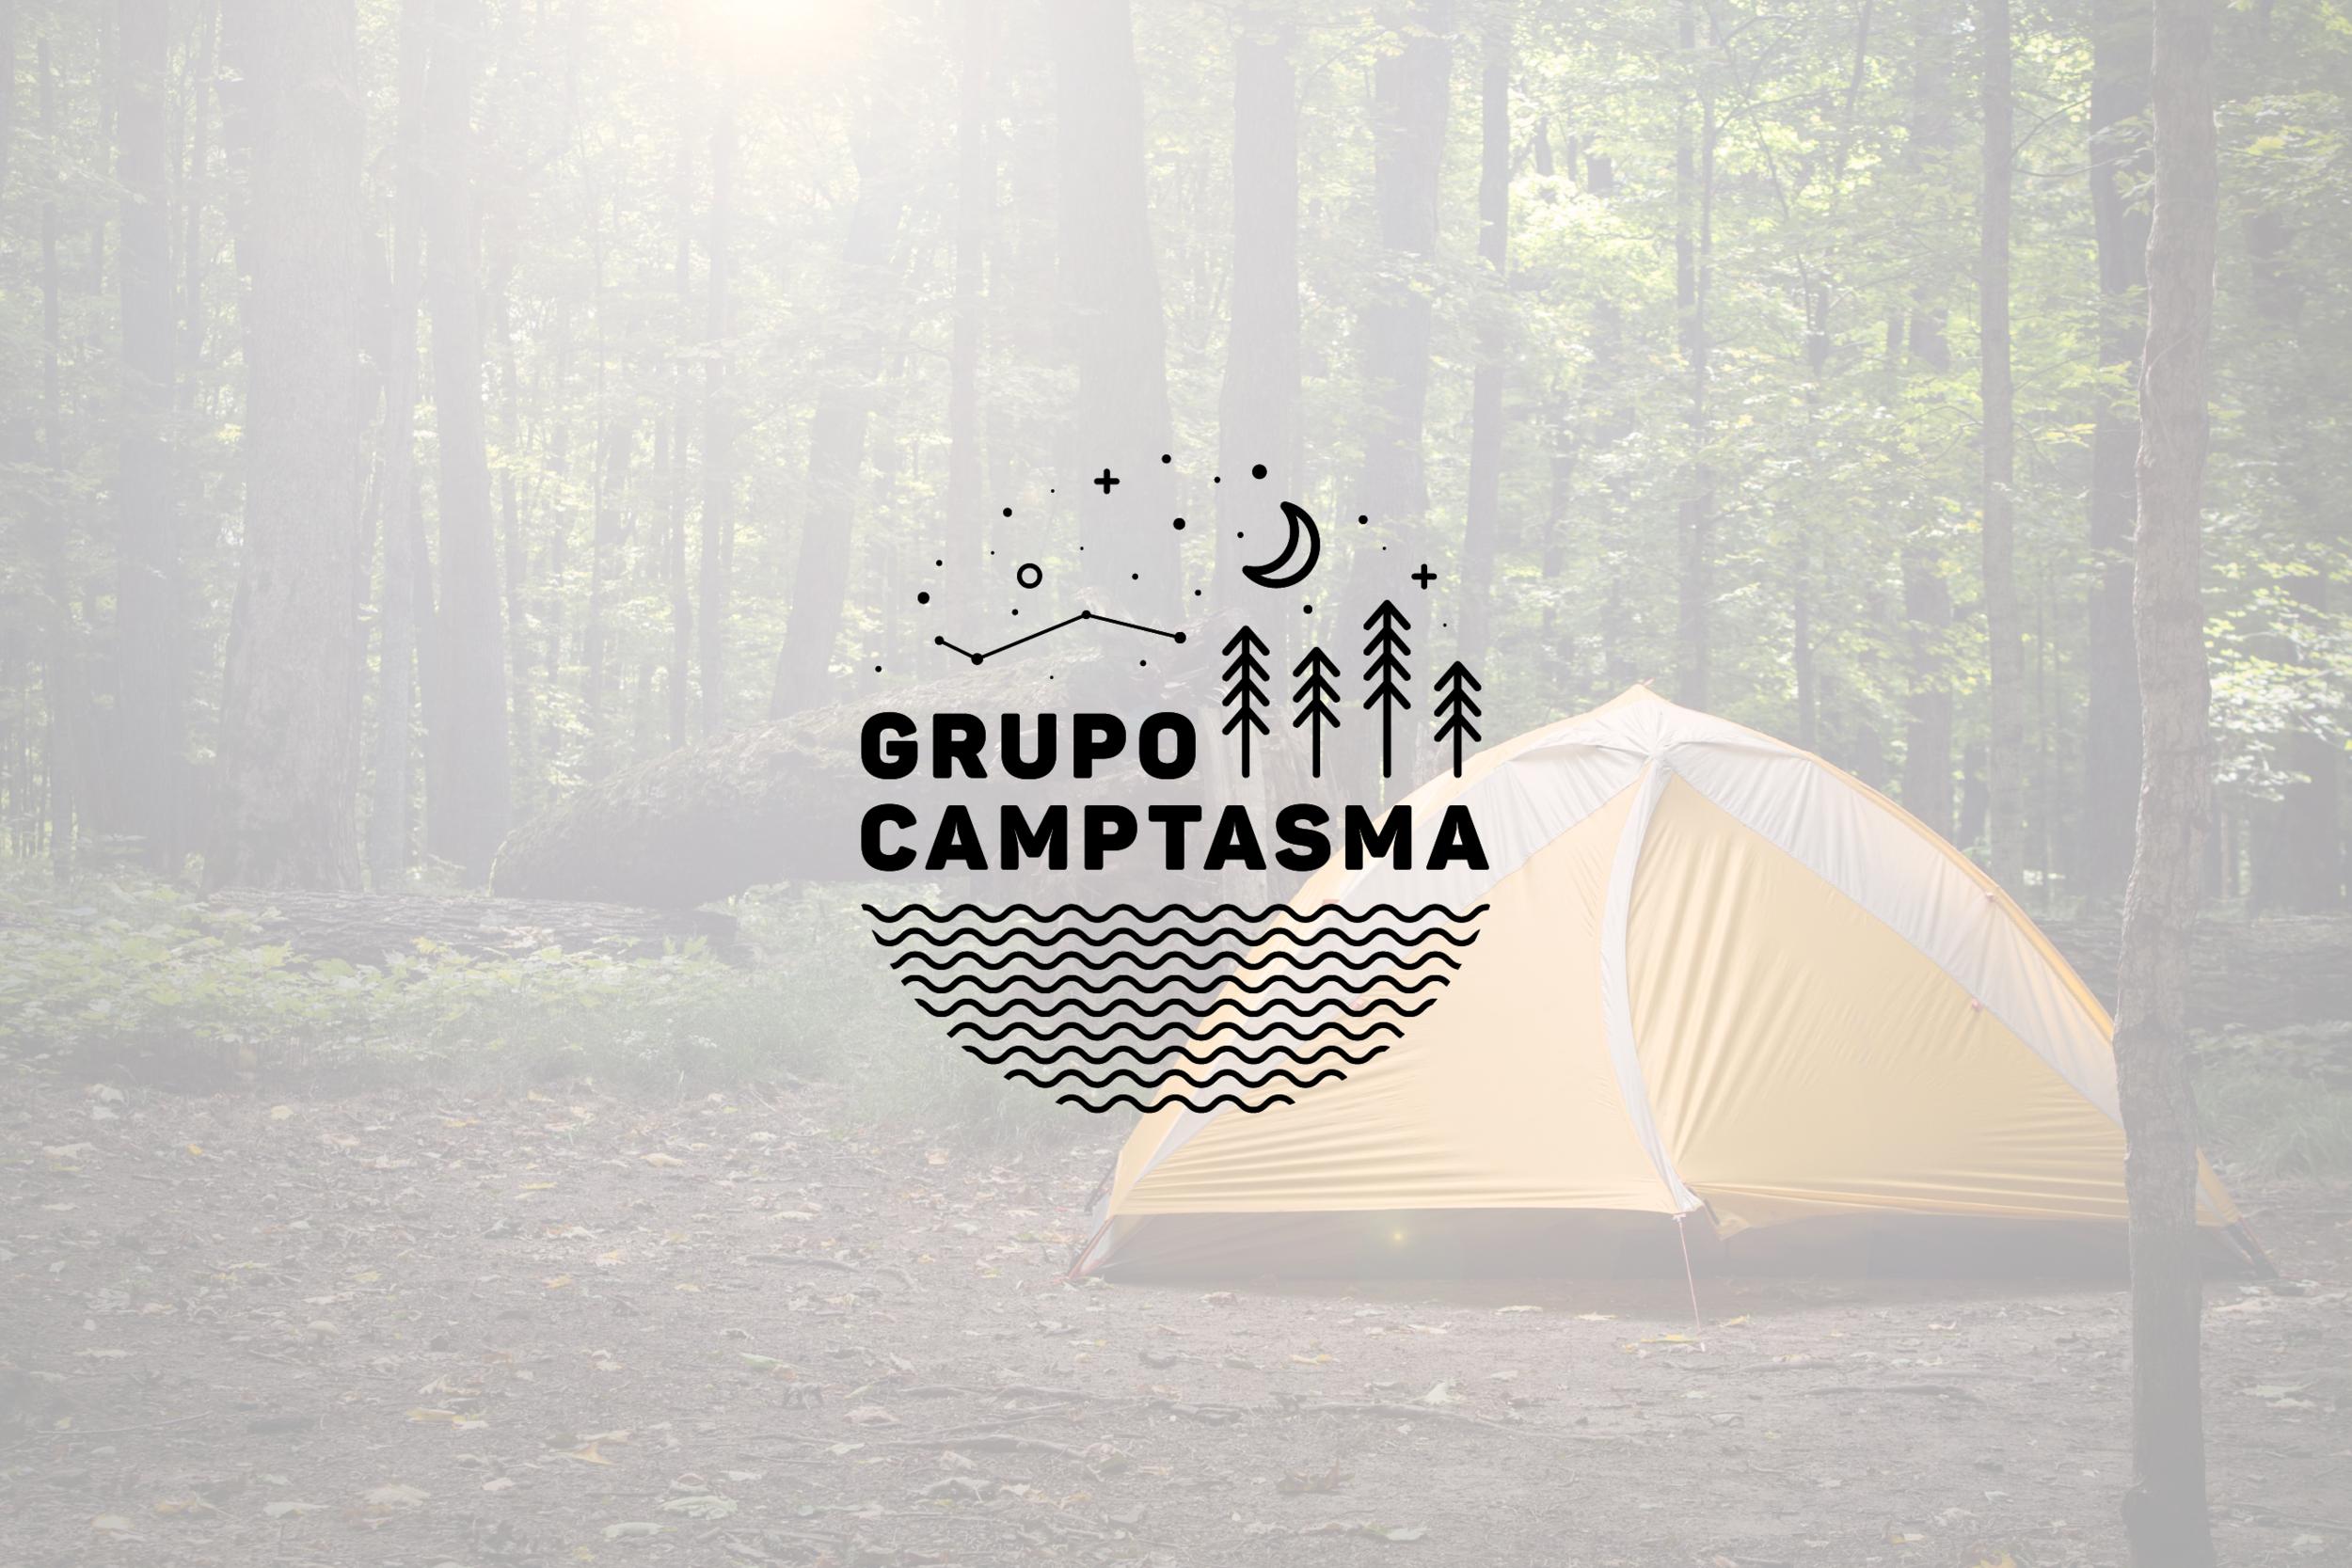 Logo design for Grupo Camptasma, camping group in Austin, Texas.